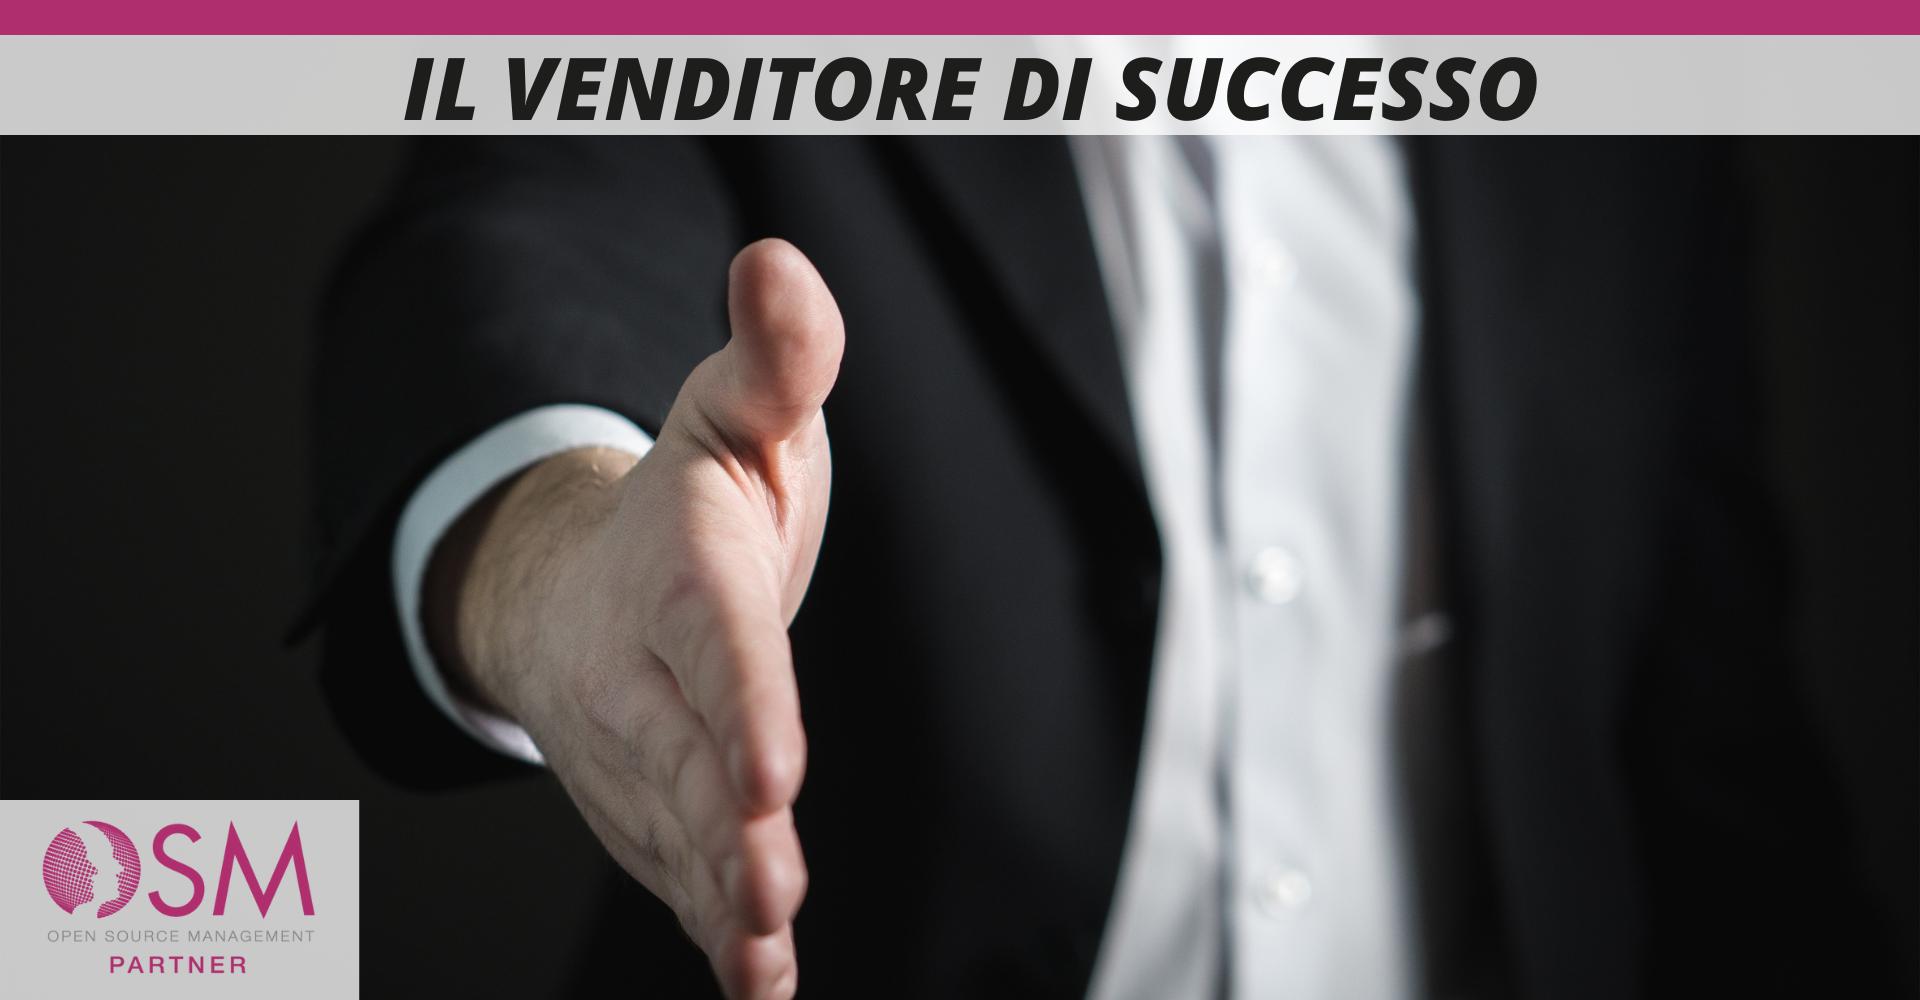 Consigli per diventare un venditore di successo